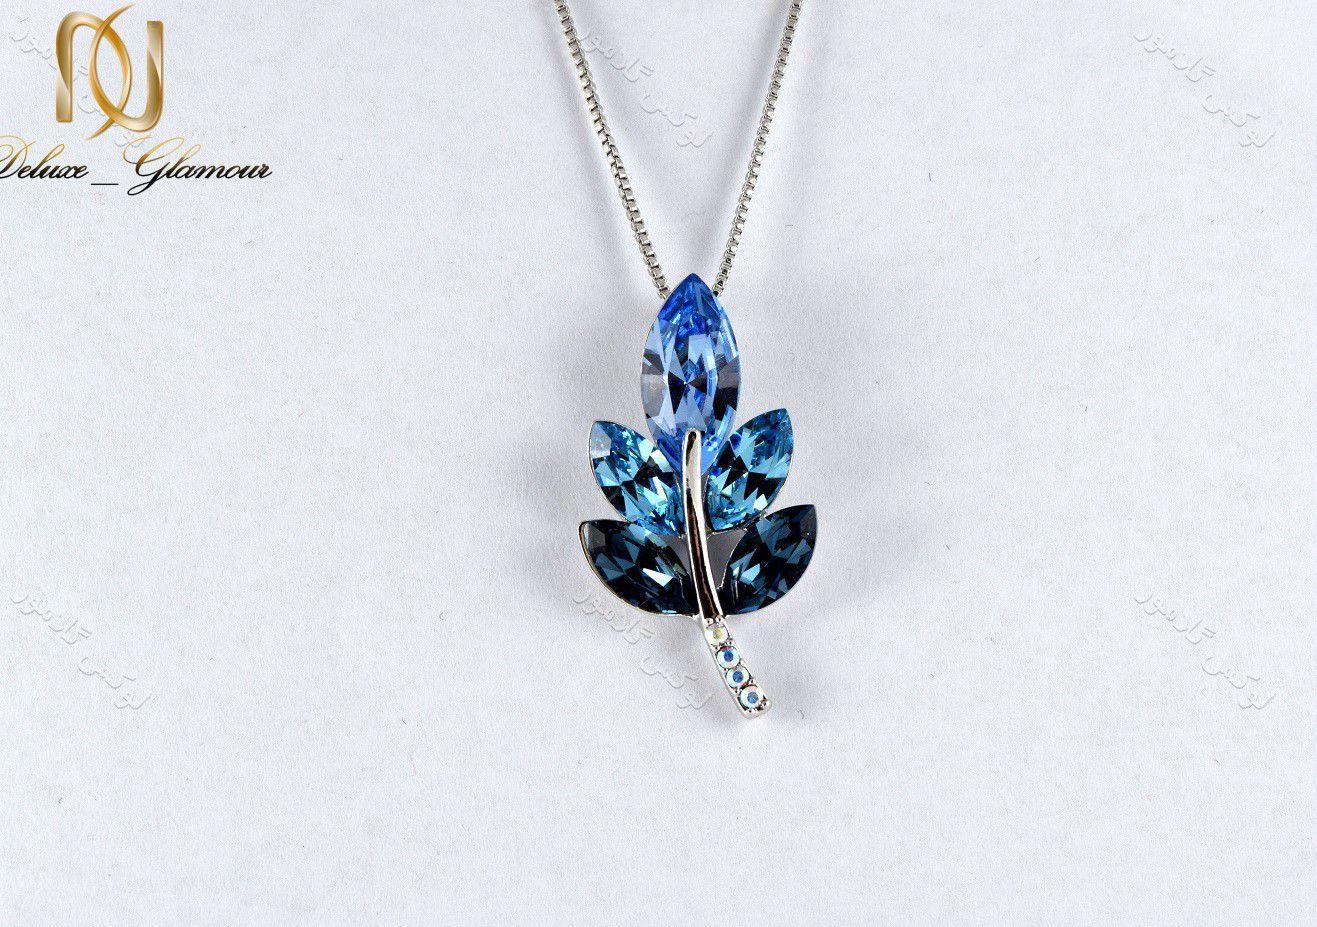 1گردنبند دخترانه طرح خوشه با کریستالهای سواروفسکی تم آبی Nw-n154 از روبرو